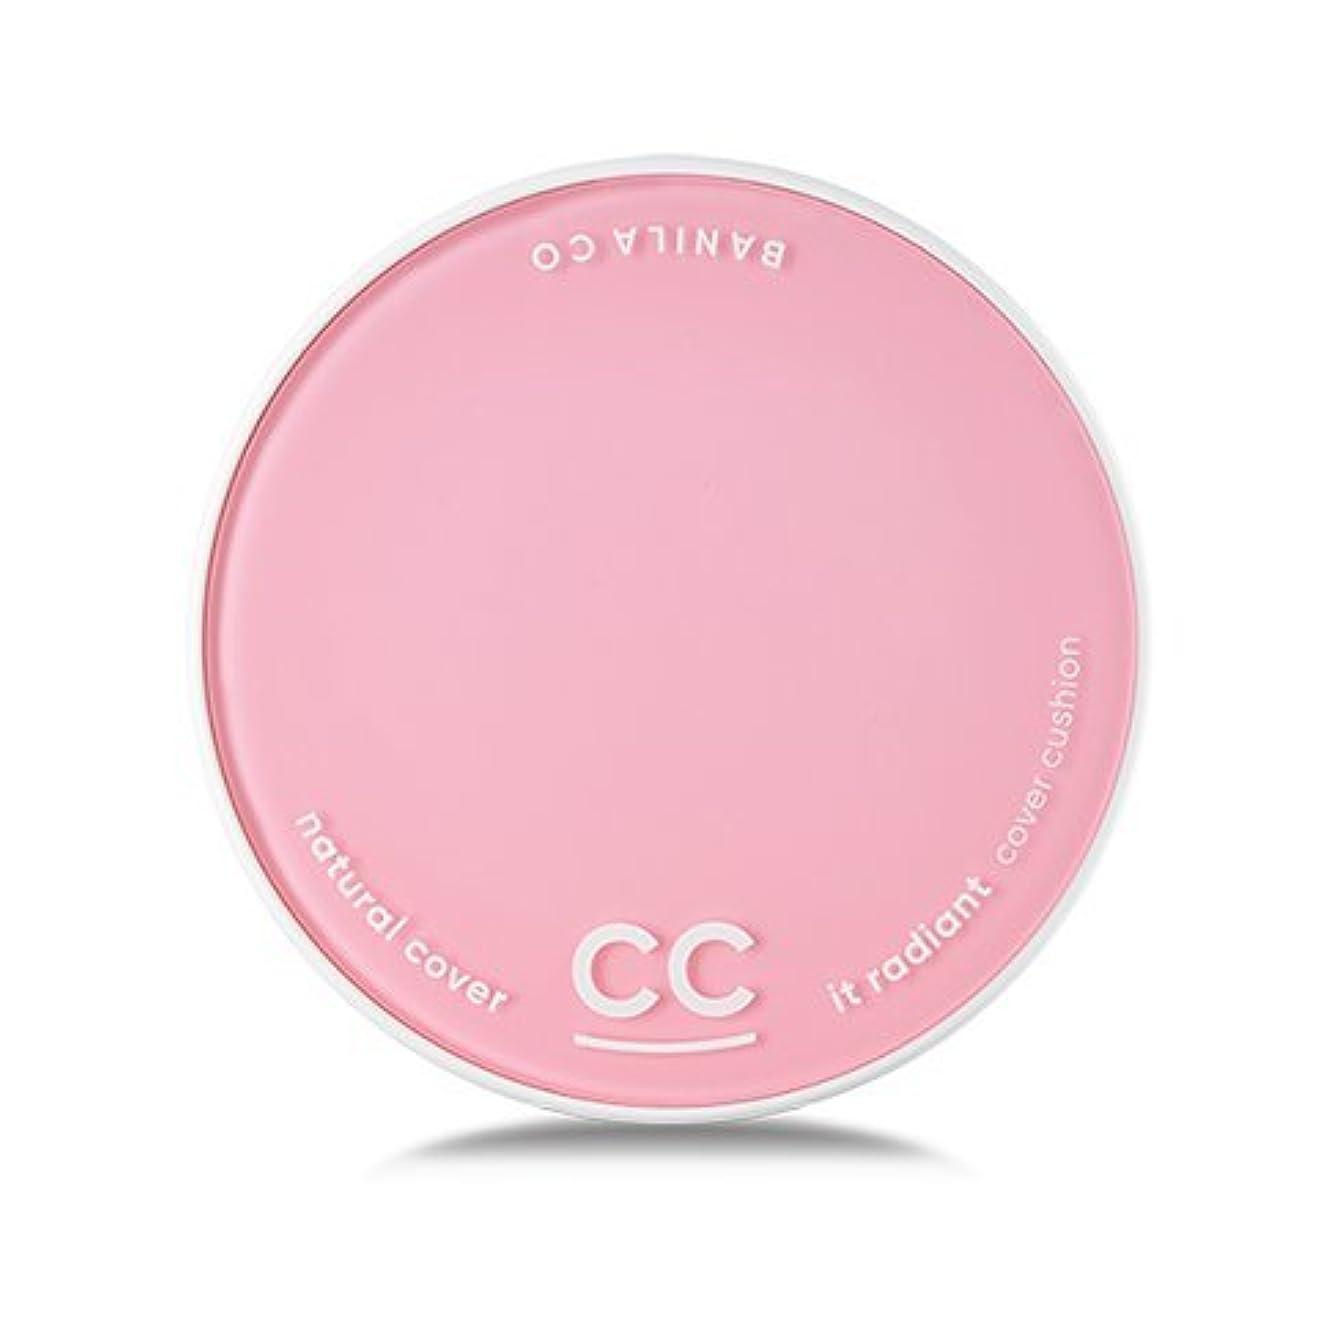 引き算アクセスできないユーザー[Renewal] BANILA CO It Radiant CC Cover Cushion 12g + Refill 12g/バニラコ イット ラディアント CC カバー クッション 12g + リフィル 12g (...